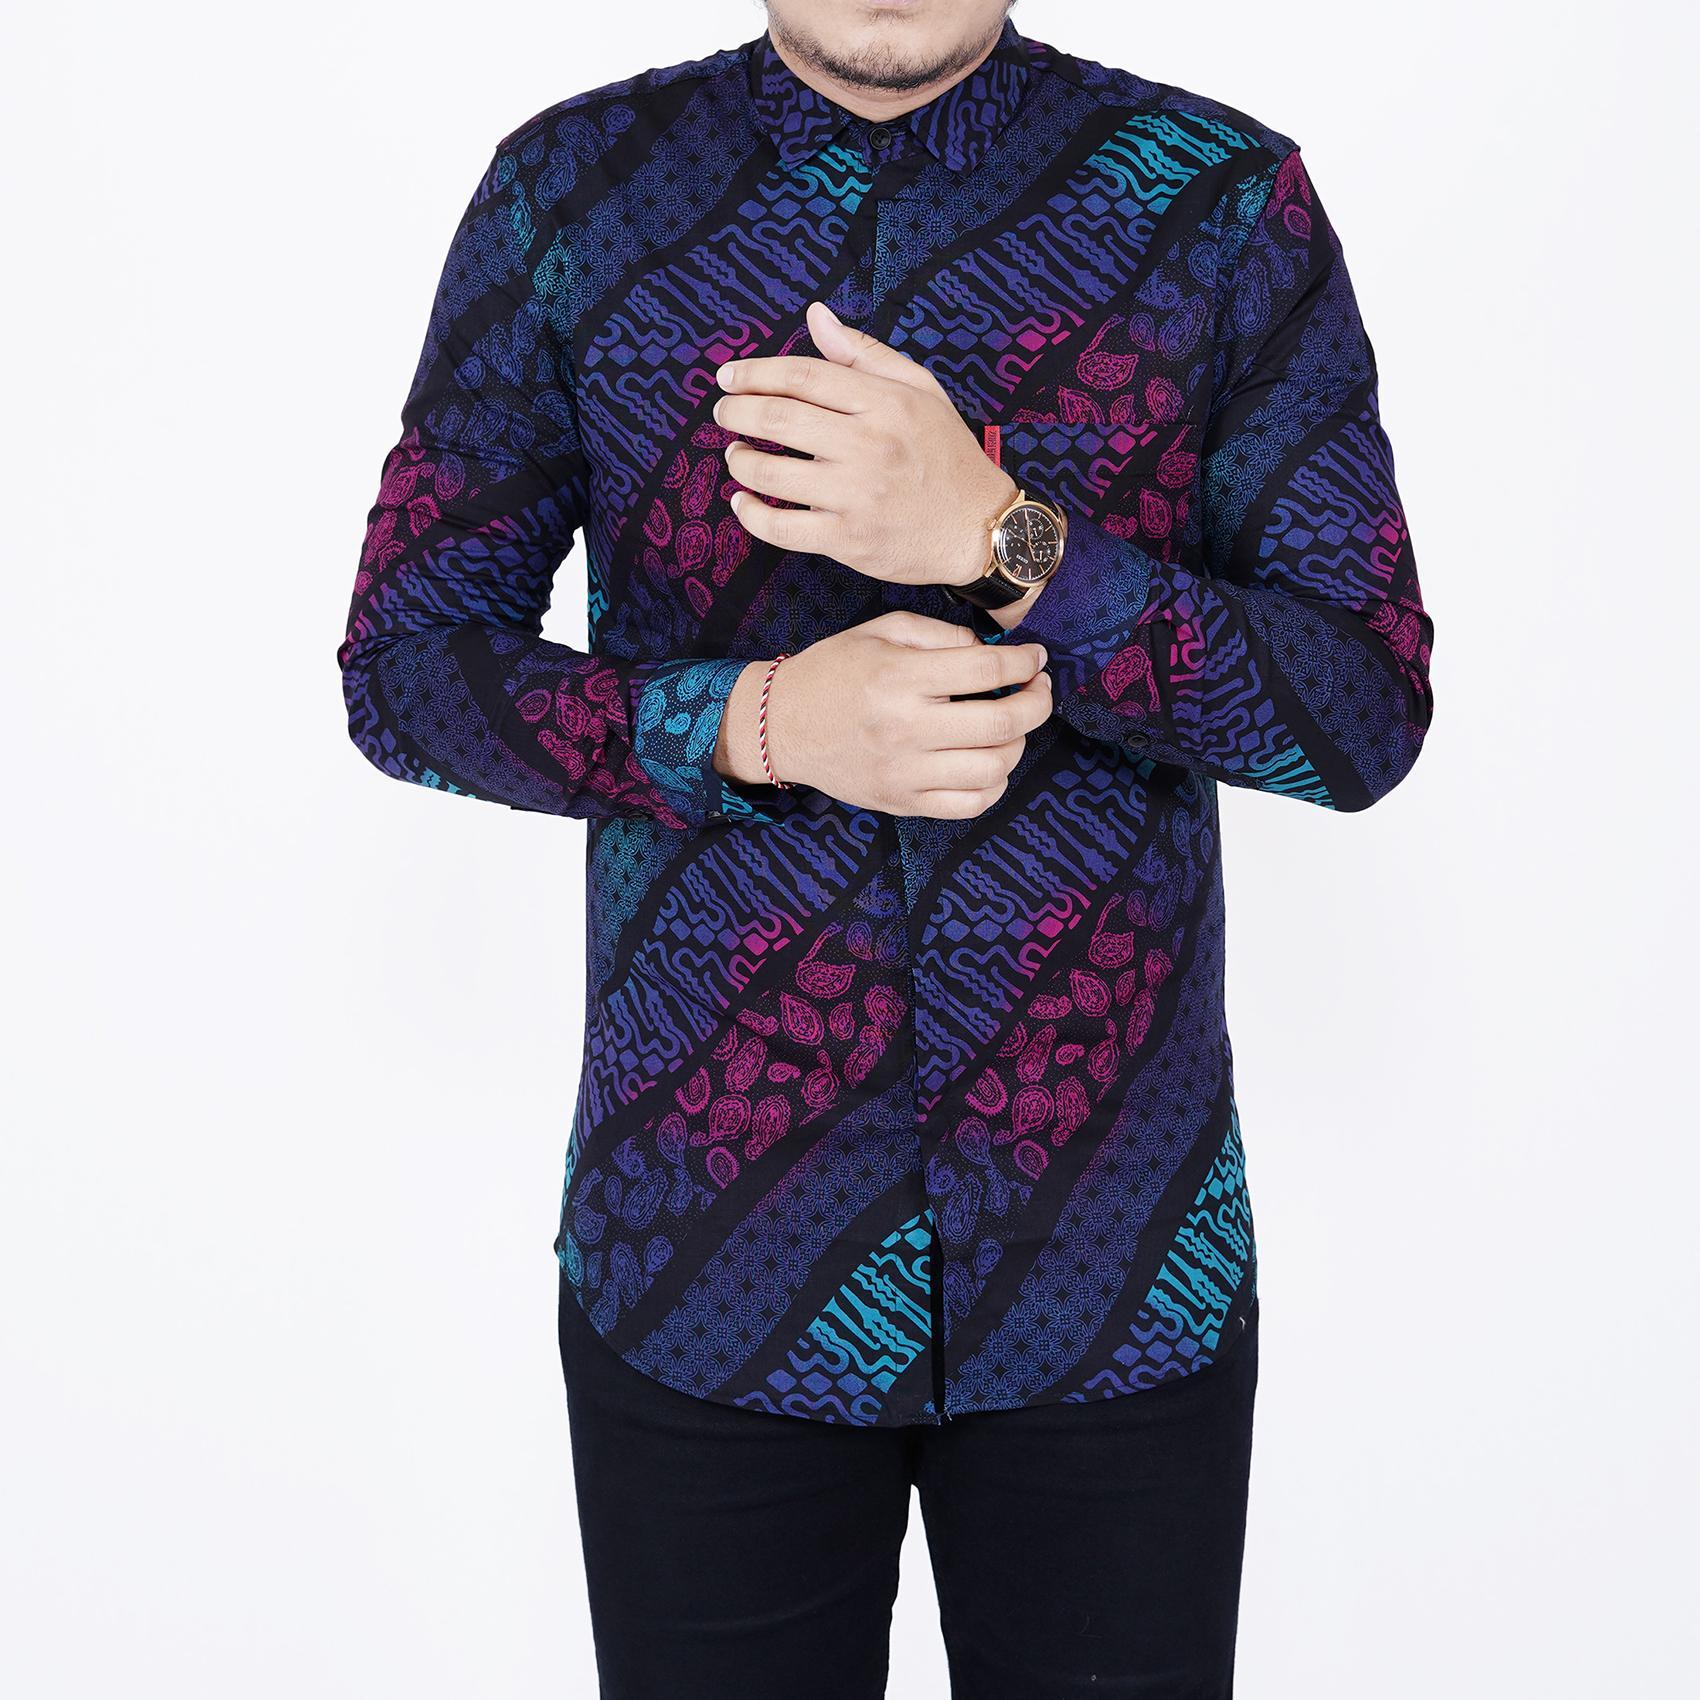 Zoeystore1 6538 Kemeja Batik Songket Pria Lengan Panjang Exclusive Baju  Kemeja Batik Cowok Kerja Kantoran Formal 19140c38f4